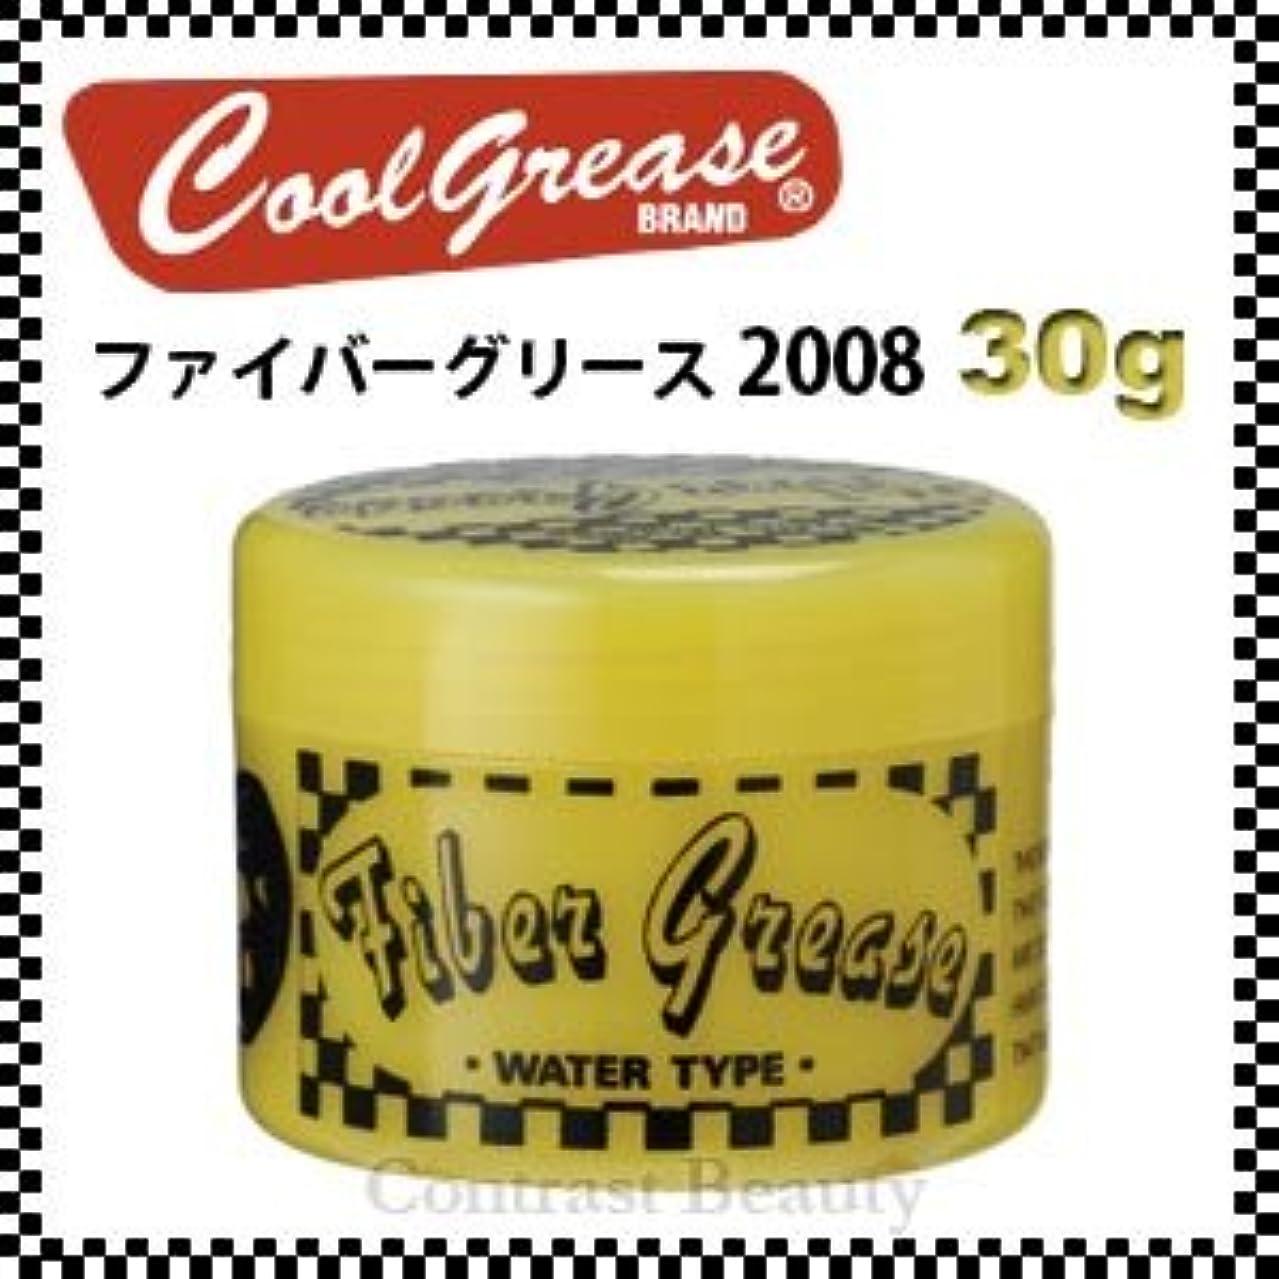 住所バドミントンパンチ【X3個セット】 阪本高生堂 ファイバーグリース 2008 30g